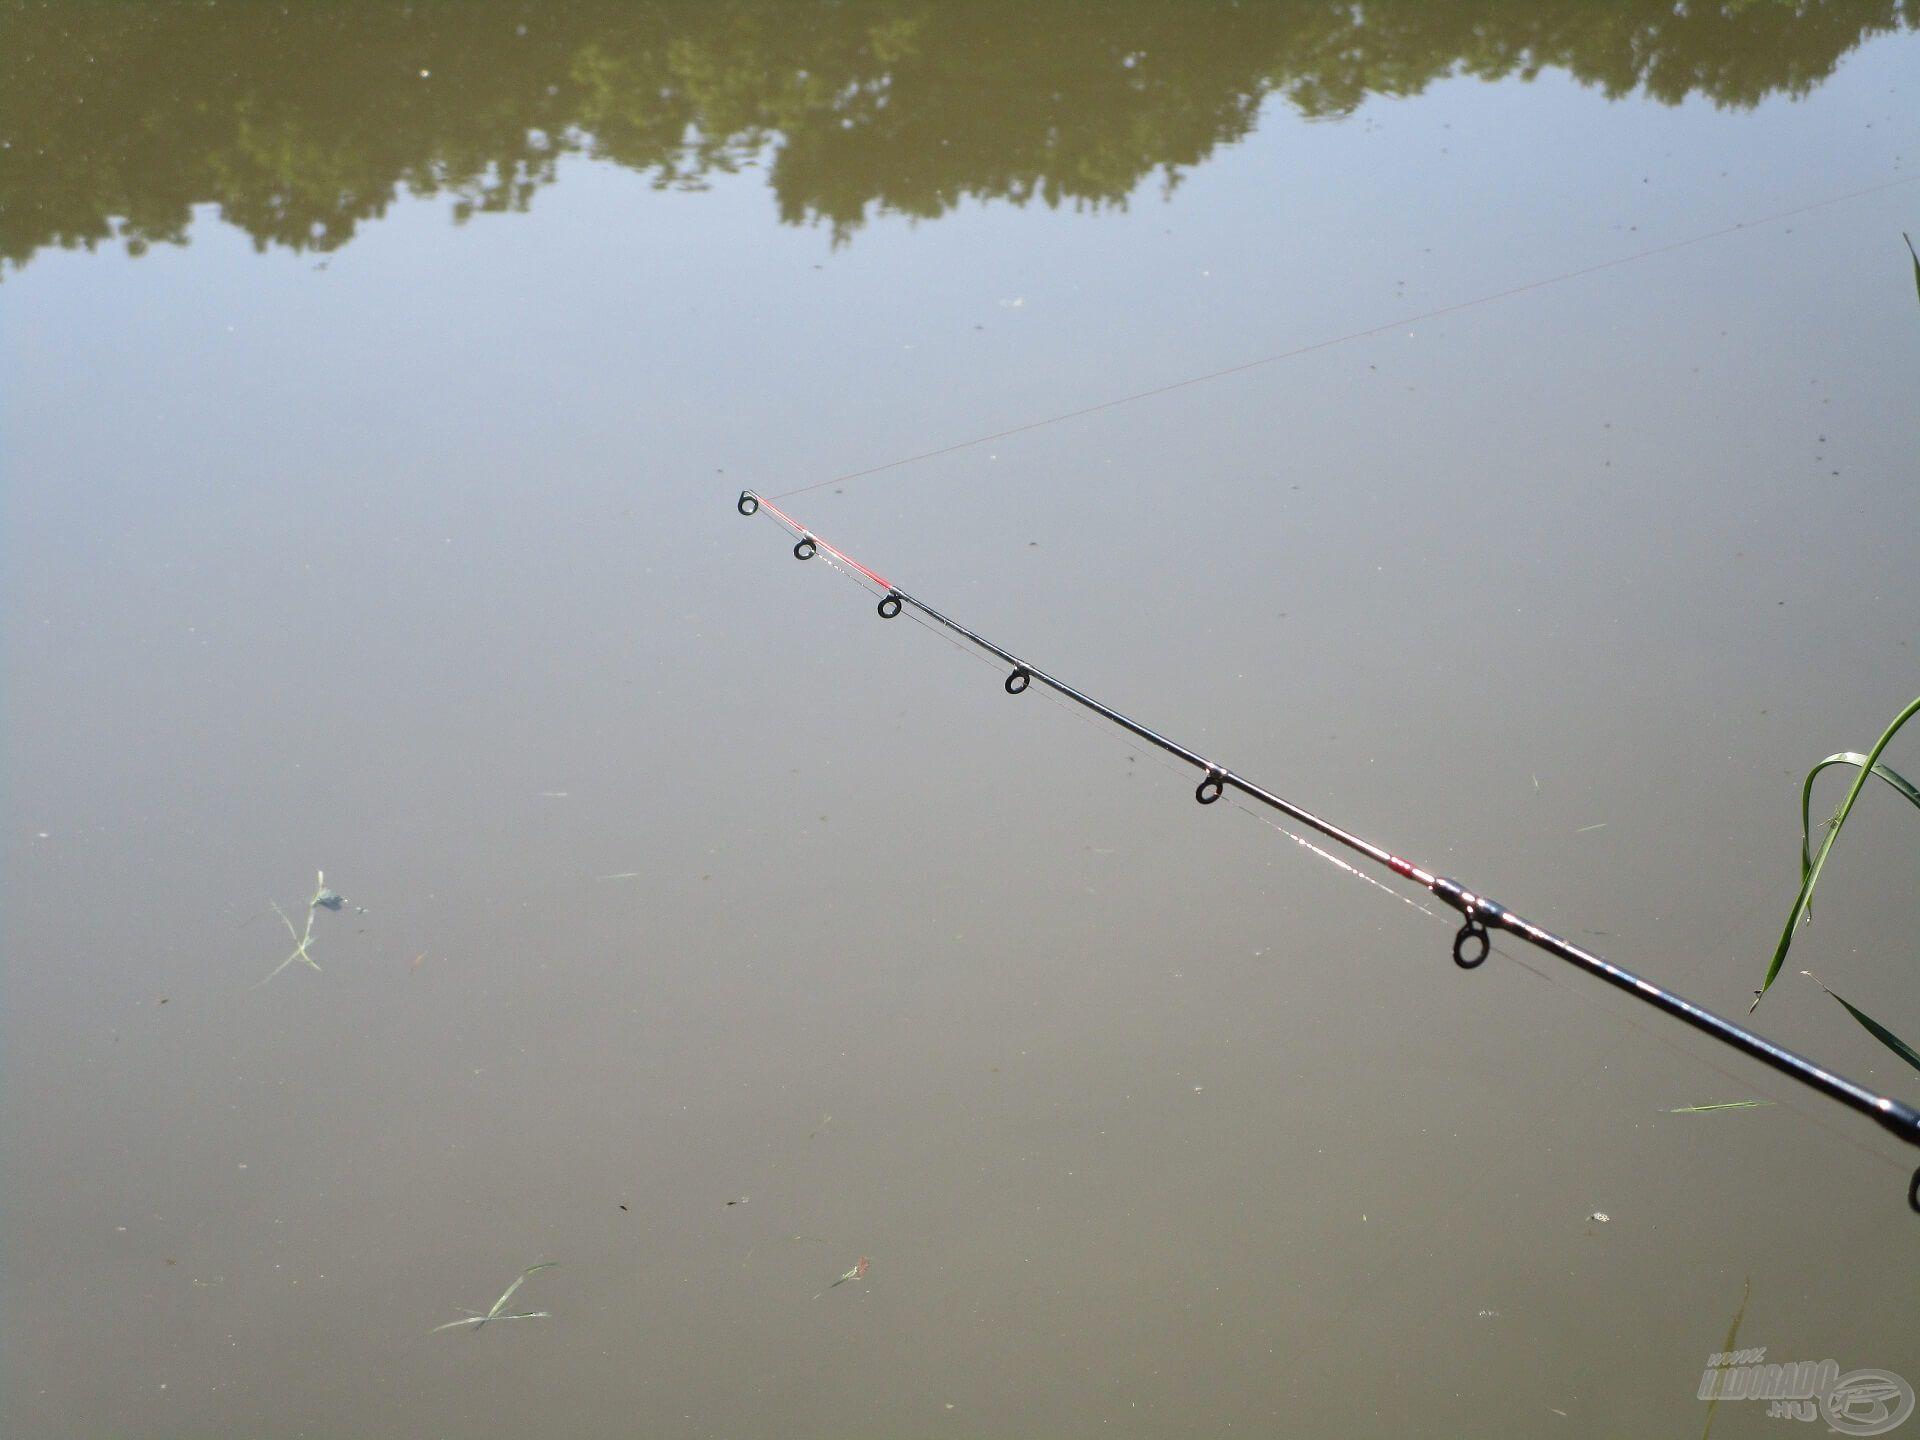 A spiccek nem rezdültek, de türelmesen vártam és bíztam abban, hogy nem fejezem be hal nélkül a horgászatot